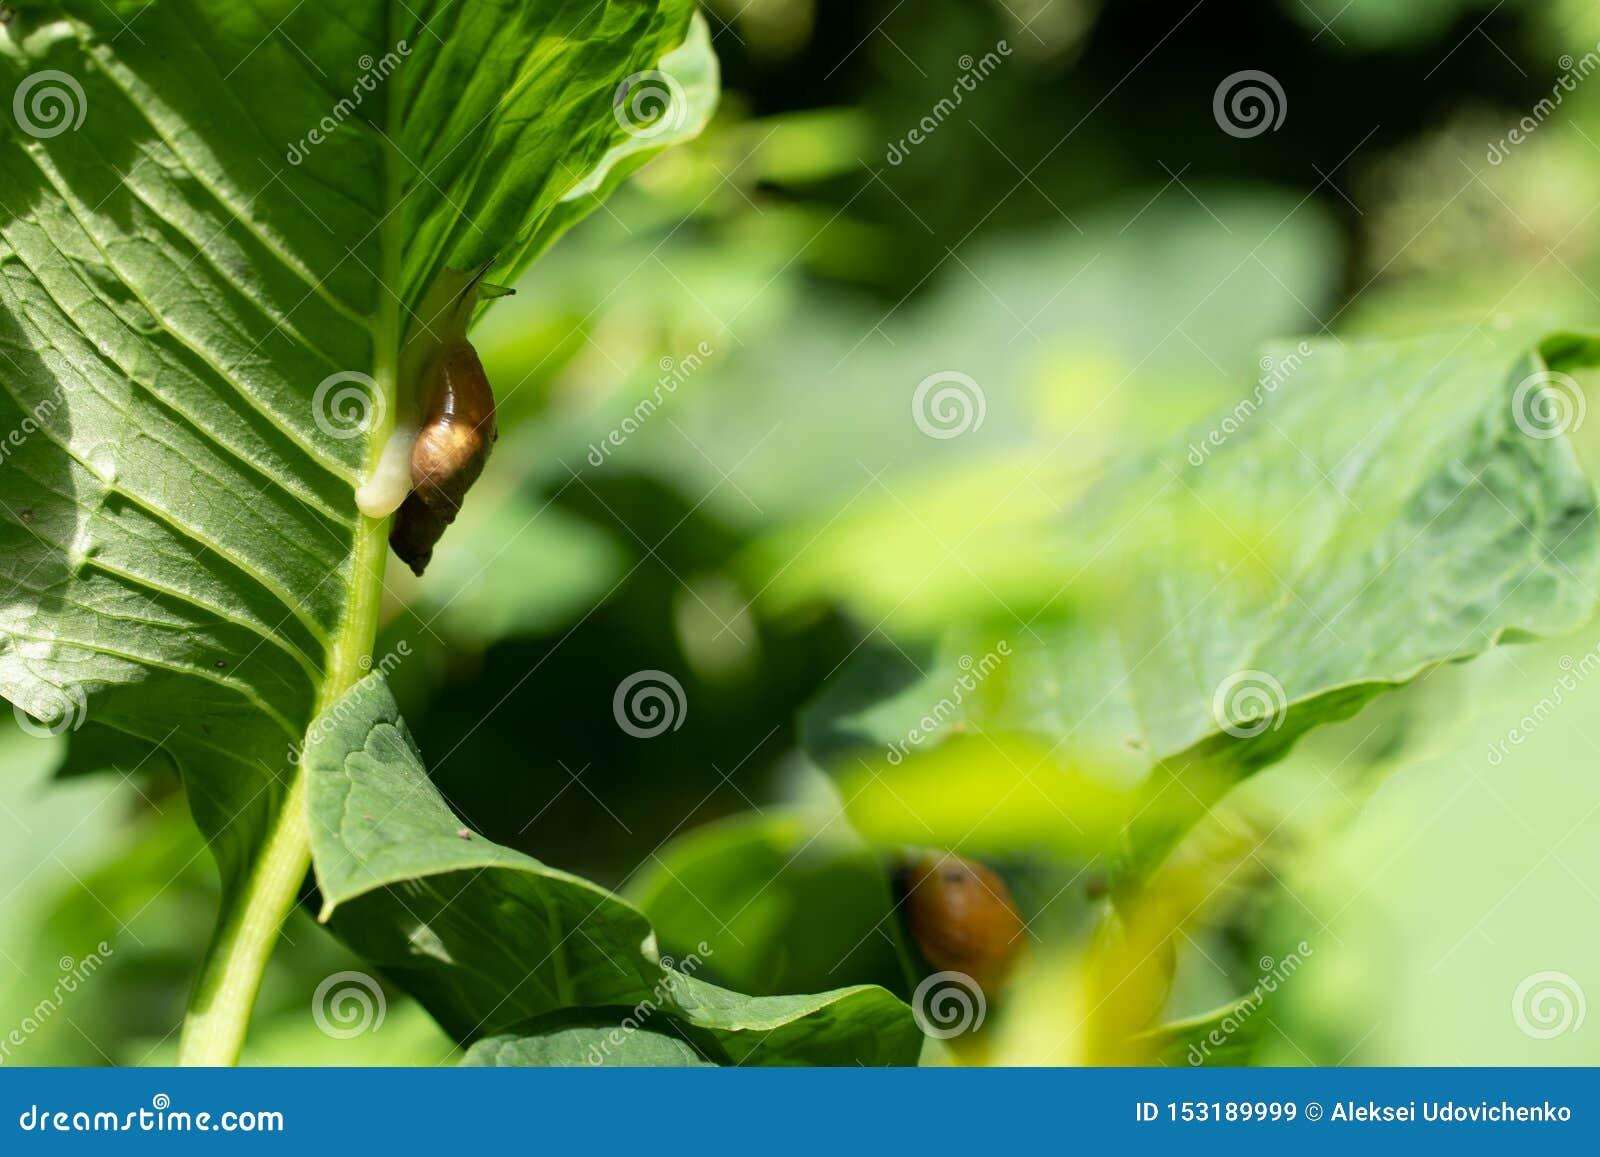 Fotografia ślimaczek na liściu w miękkiej ostrości